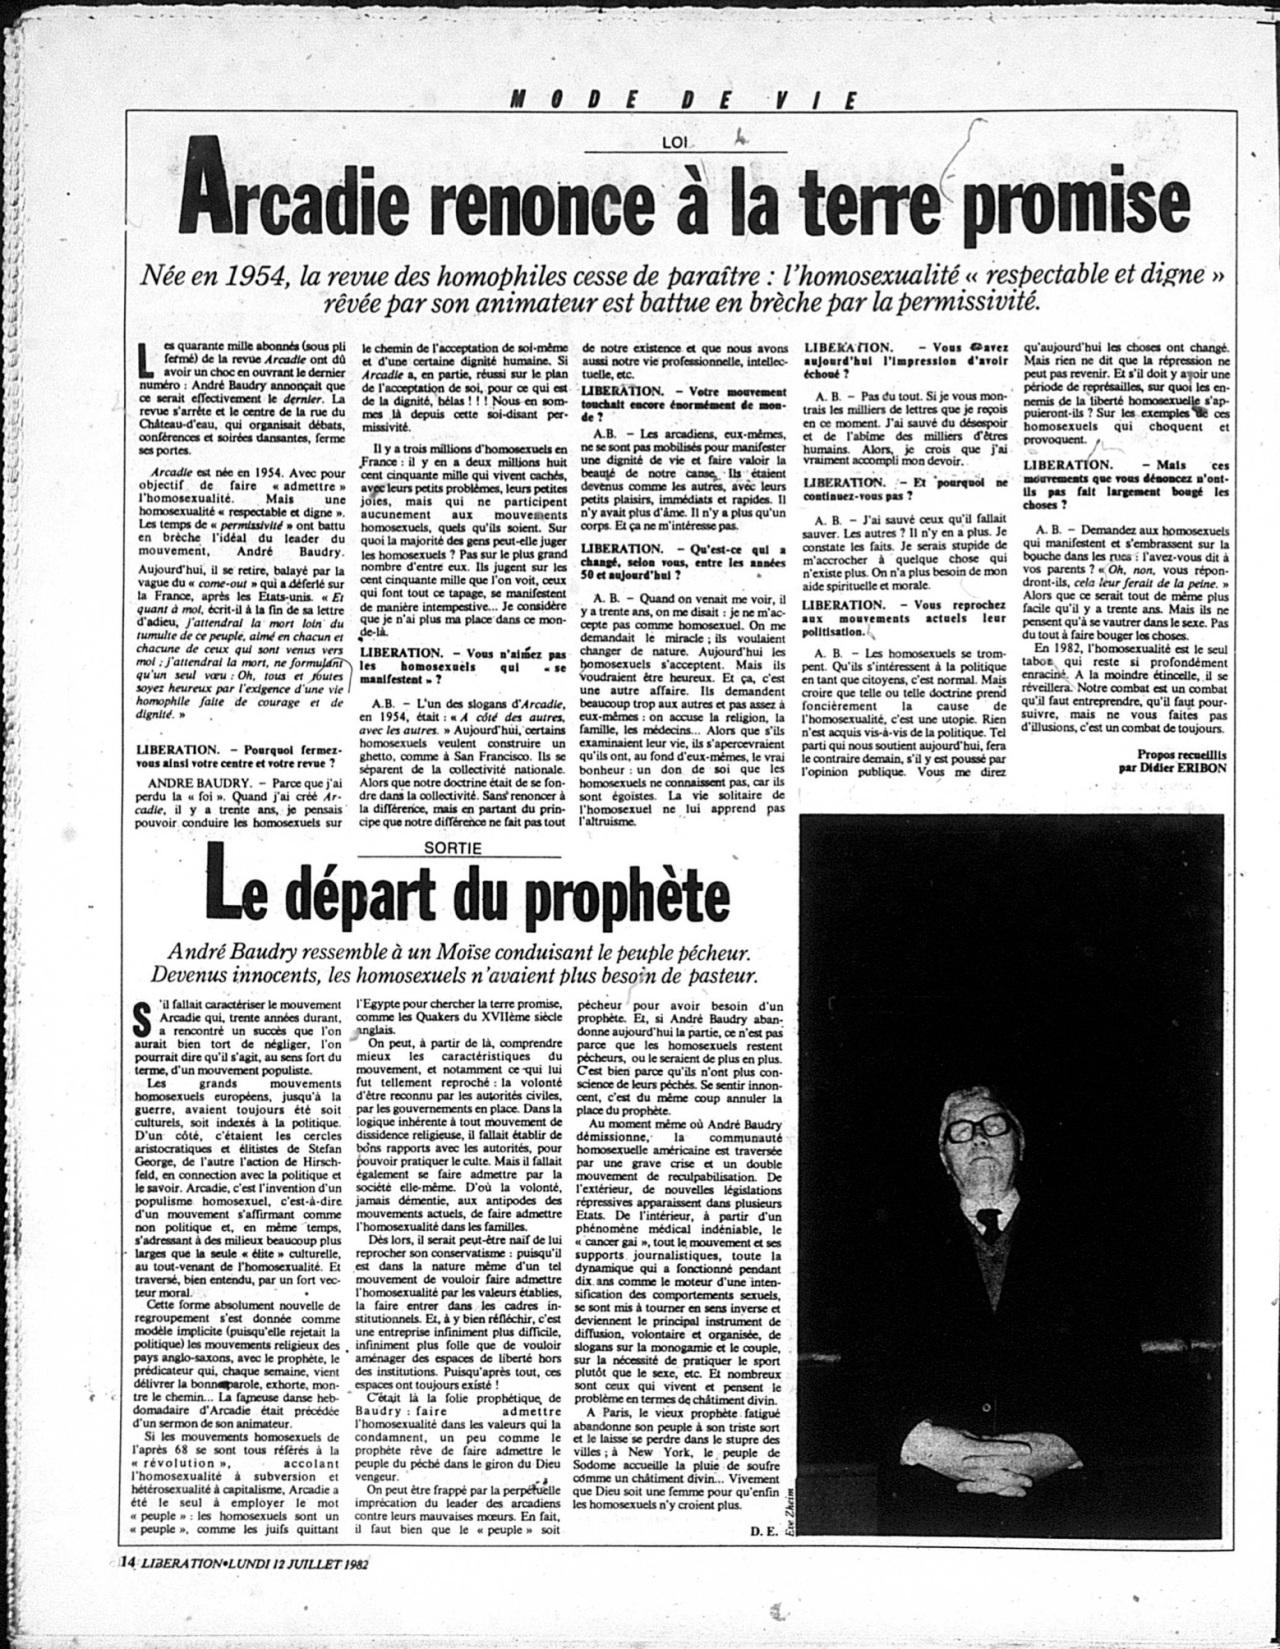 Foucault and Eribon 1982 - Le départ du prophète (on André Baudry)